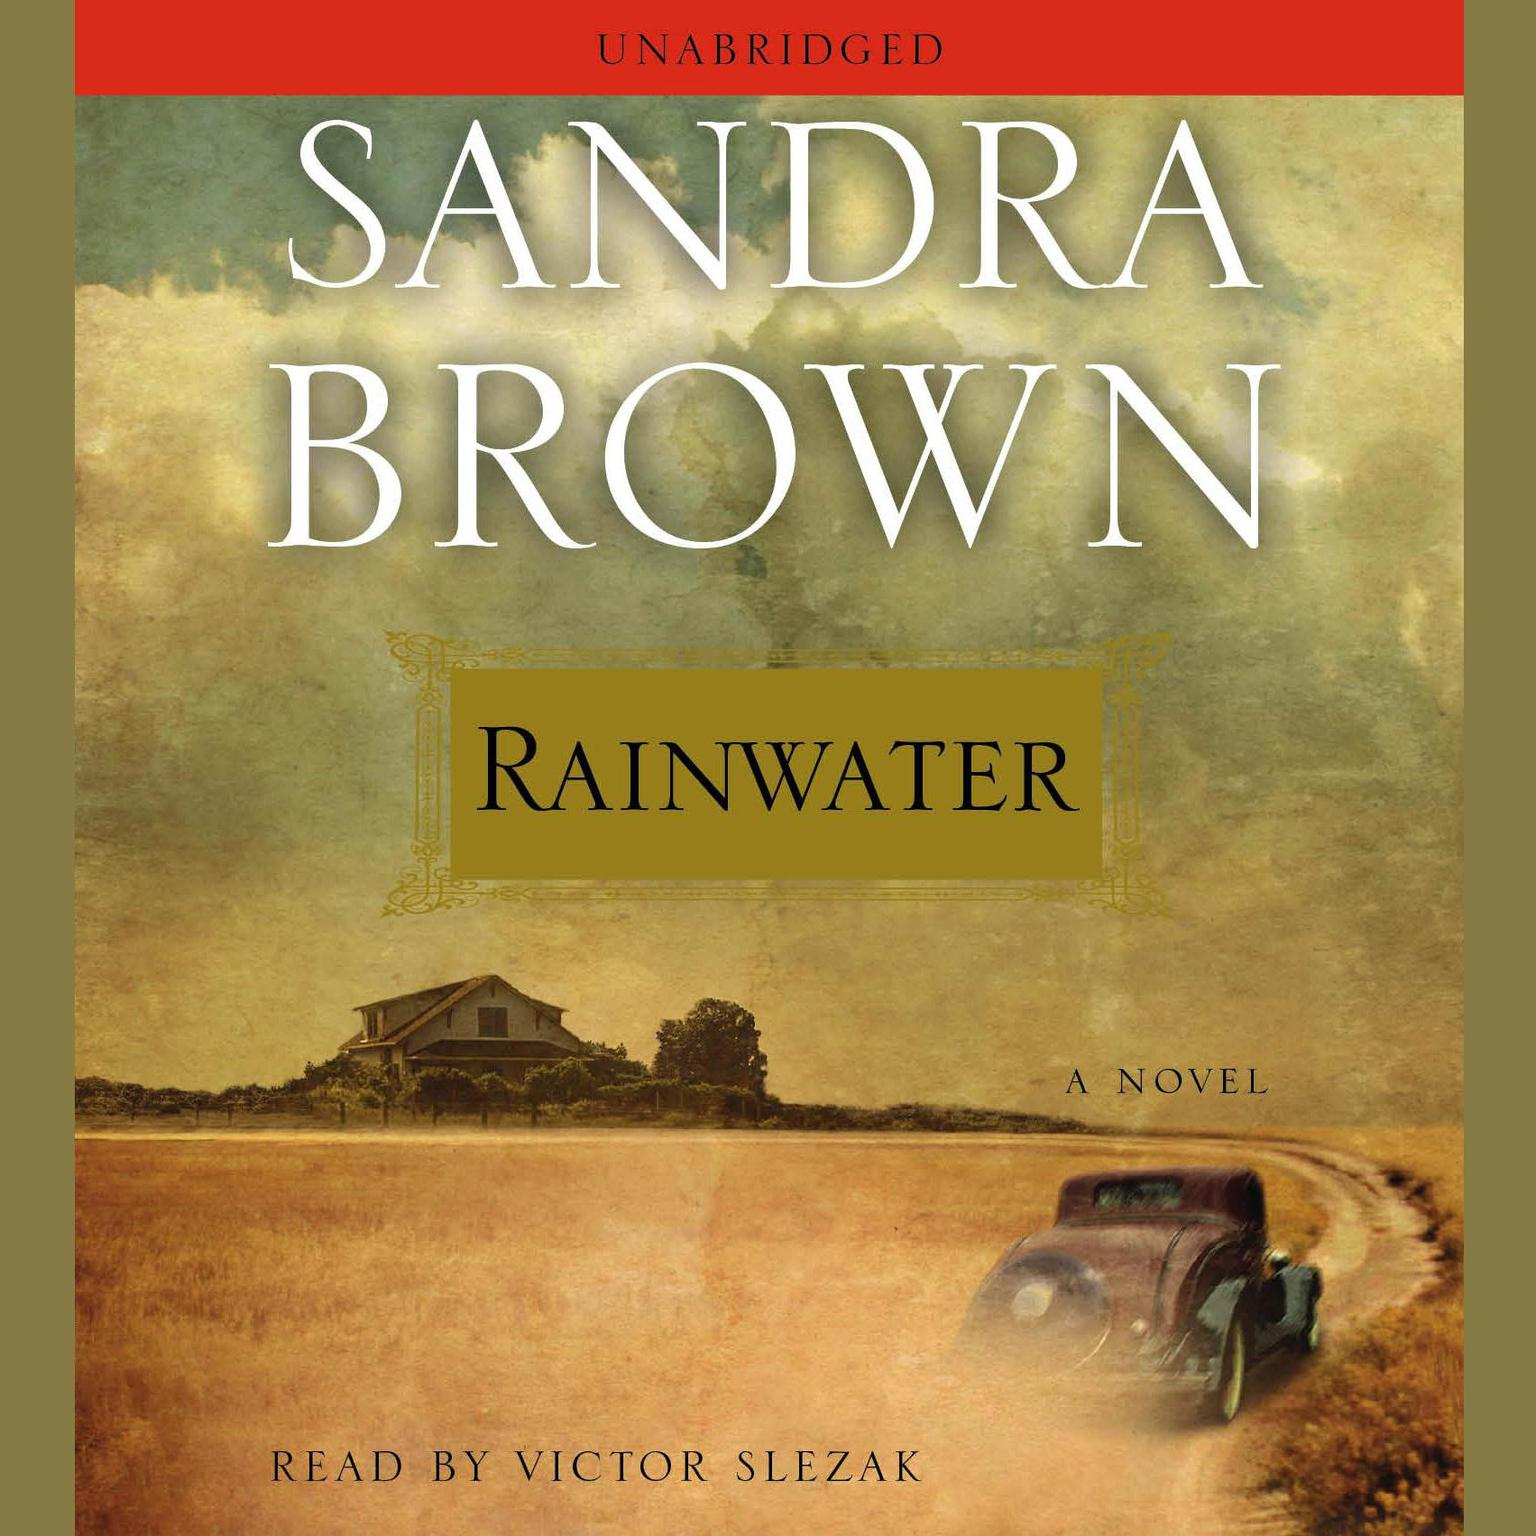 Printable Rainwater Audiobook Cover Art